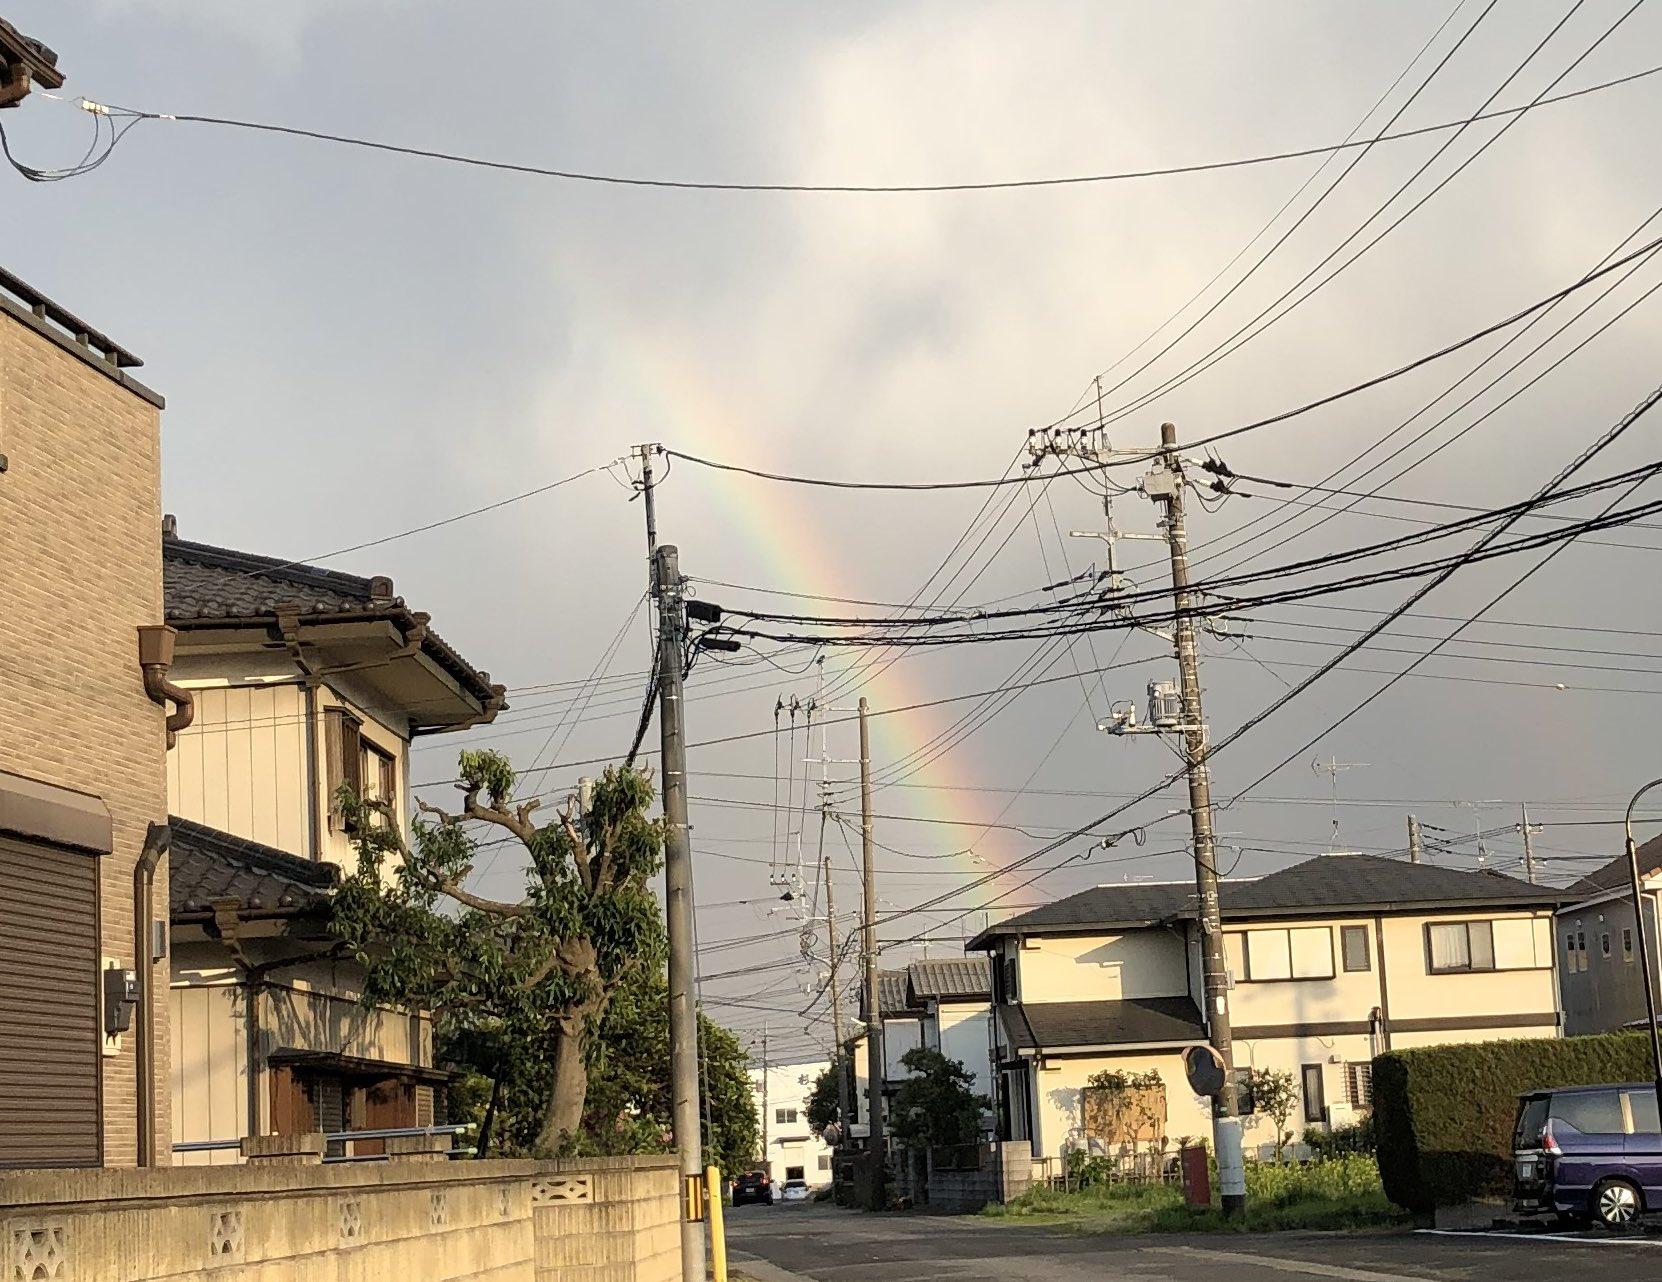 塾から虹🌈が見えました🤩✨page-visual 塾から虹🌈が見えました🤩✨ビジュアル